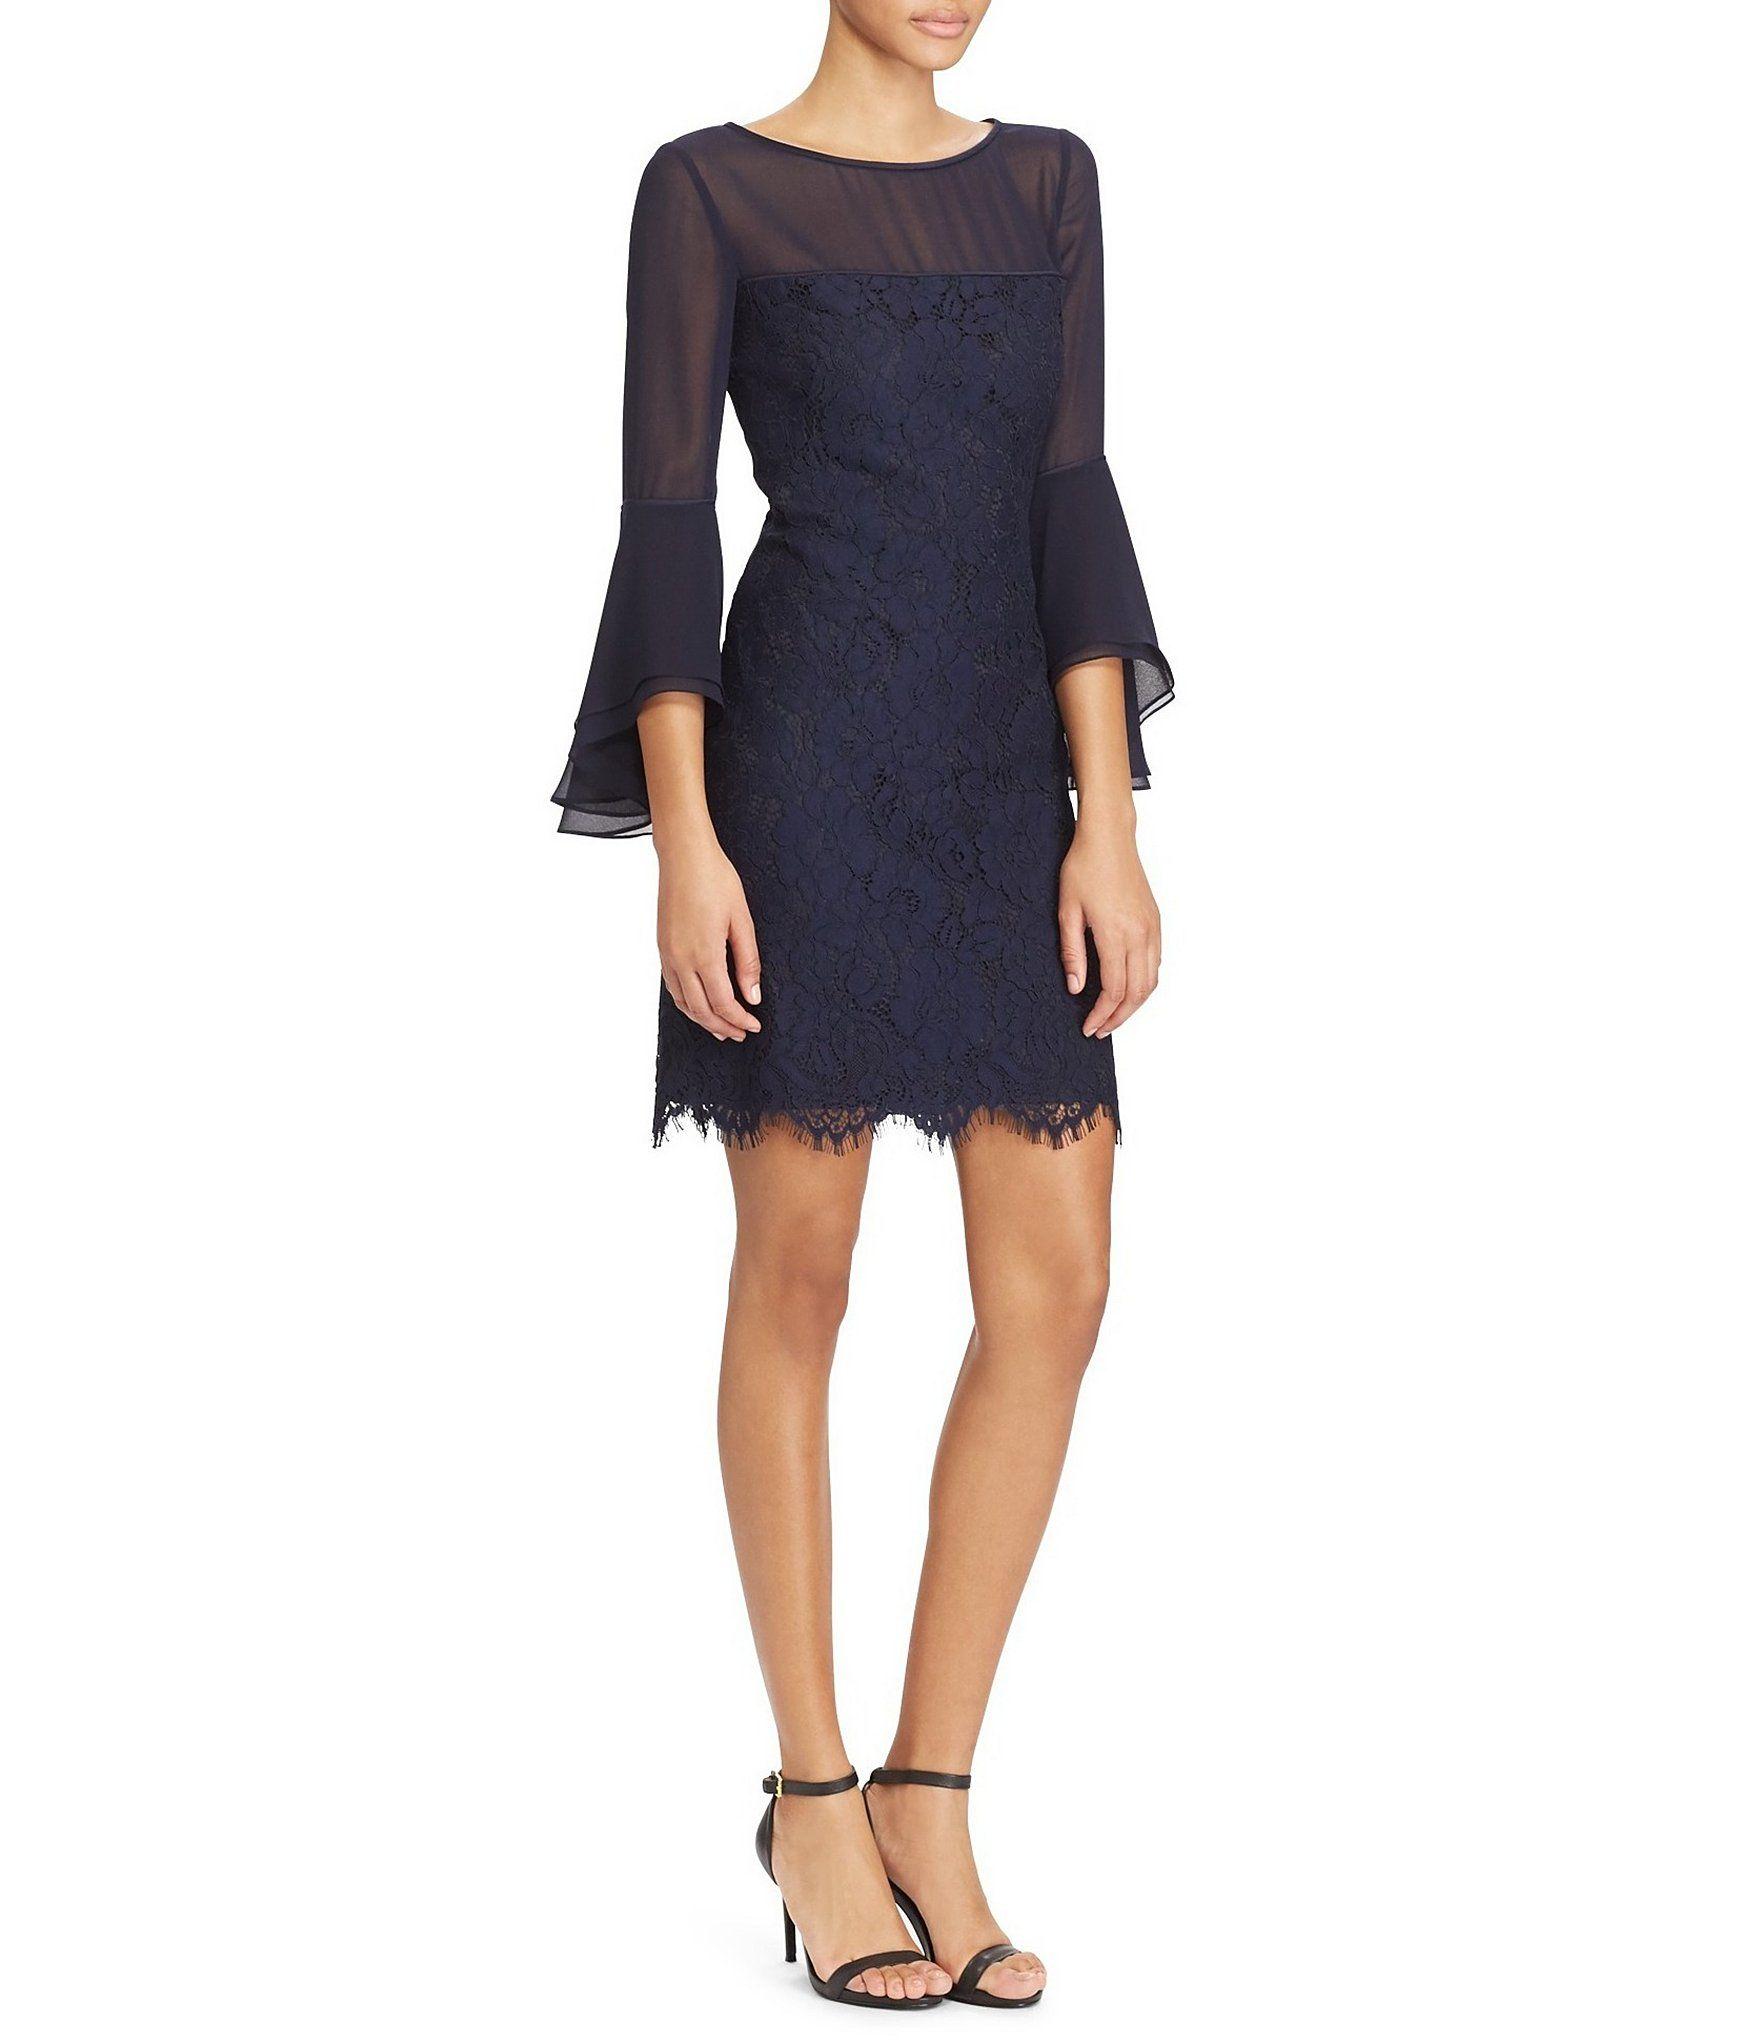 Lauren Ralph Lauren Lace Bell Sleeve Dress #Dillards